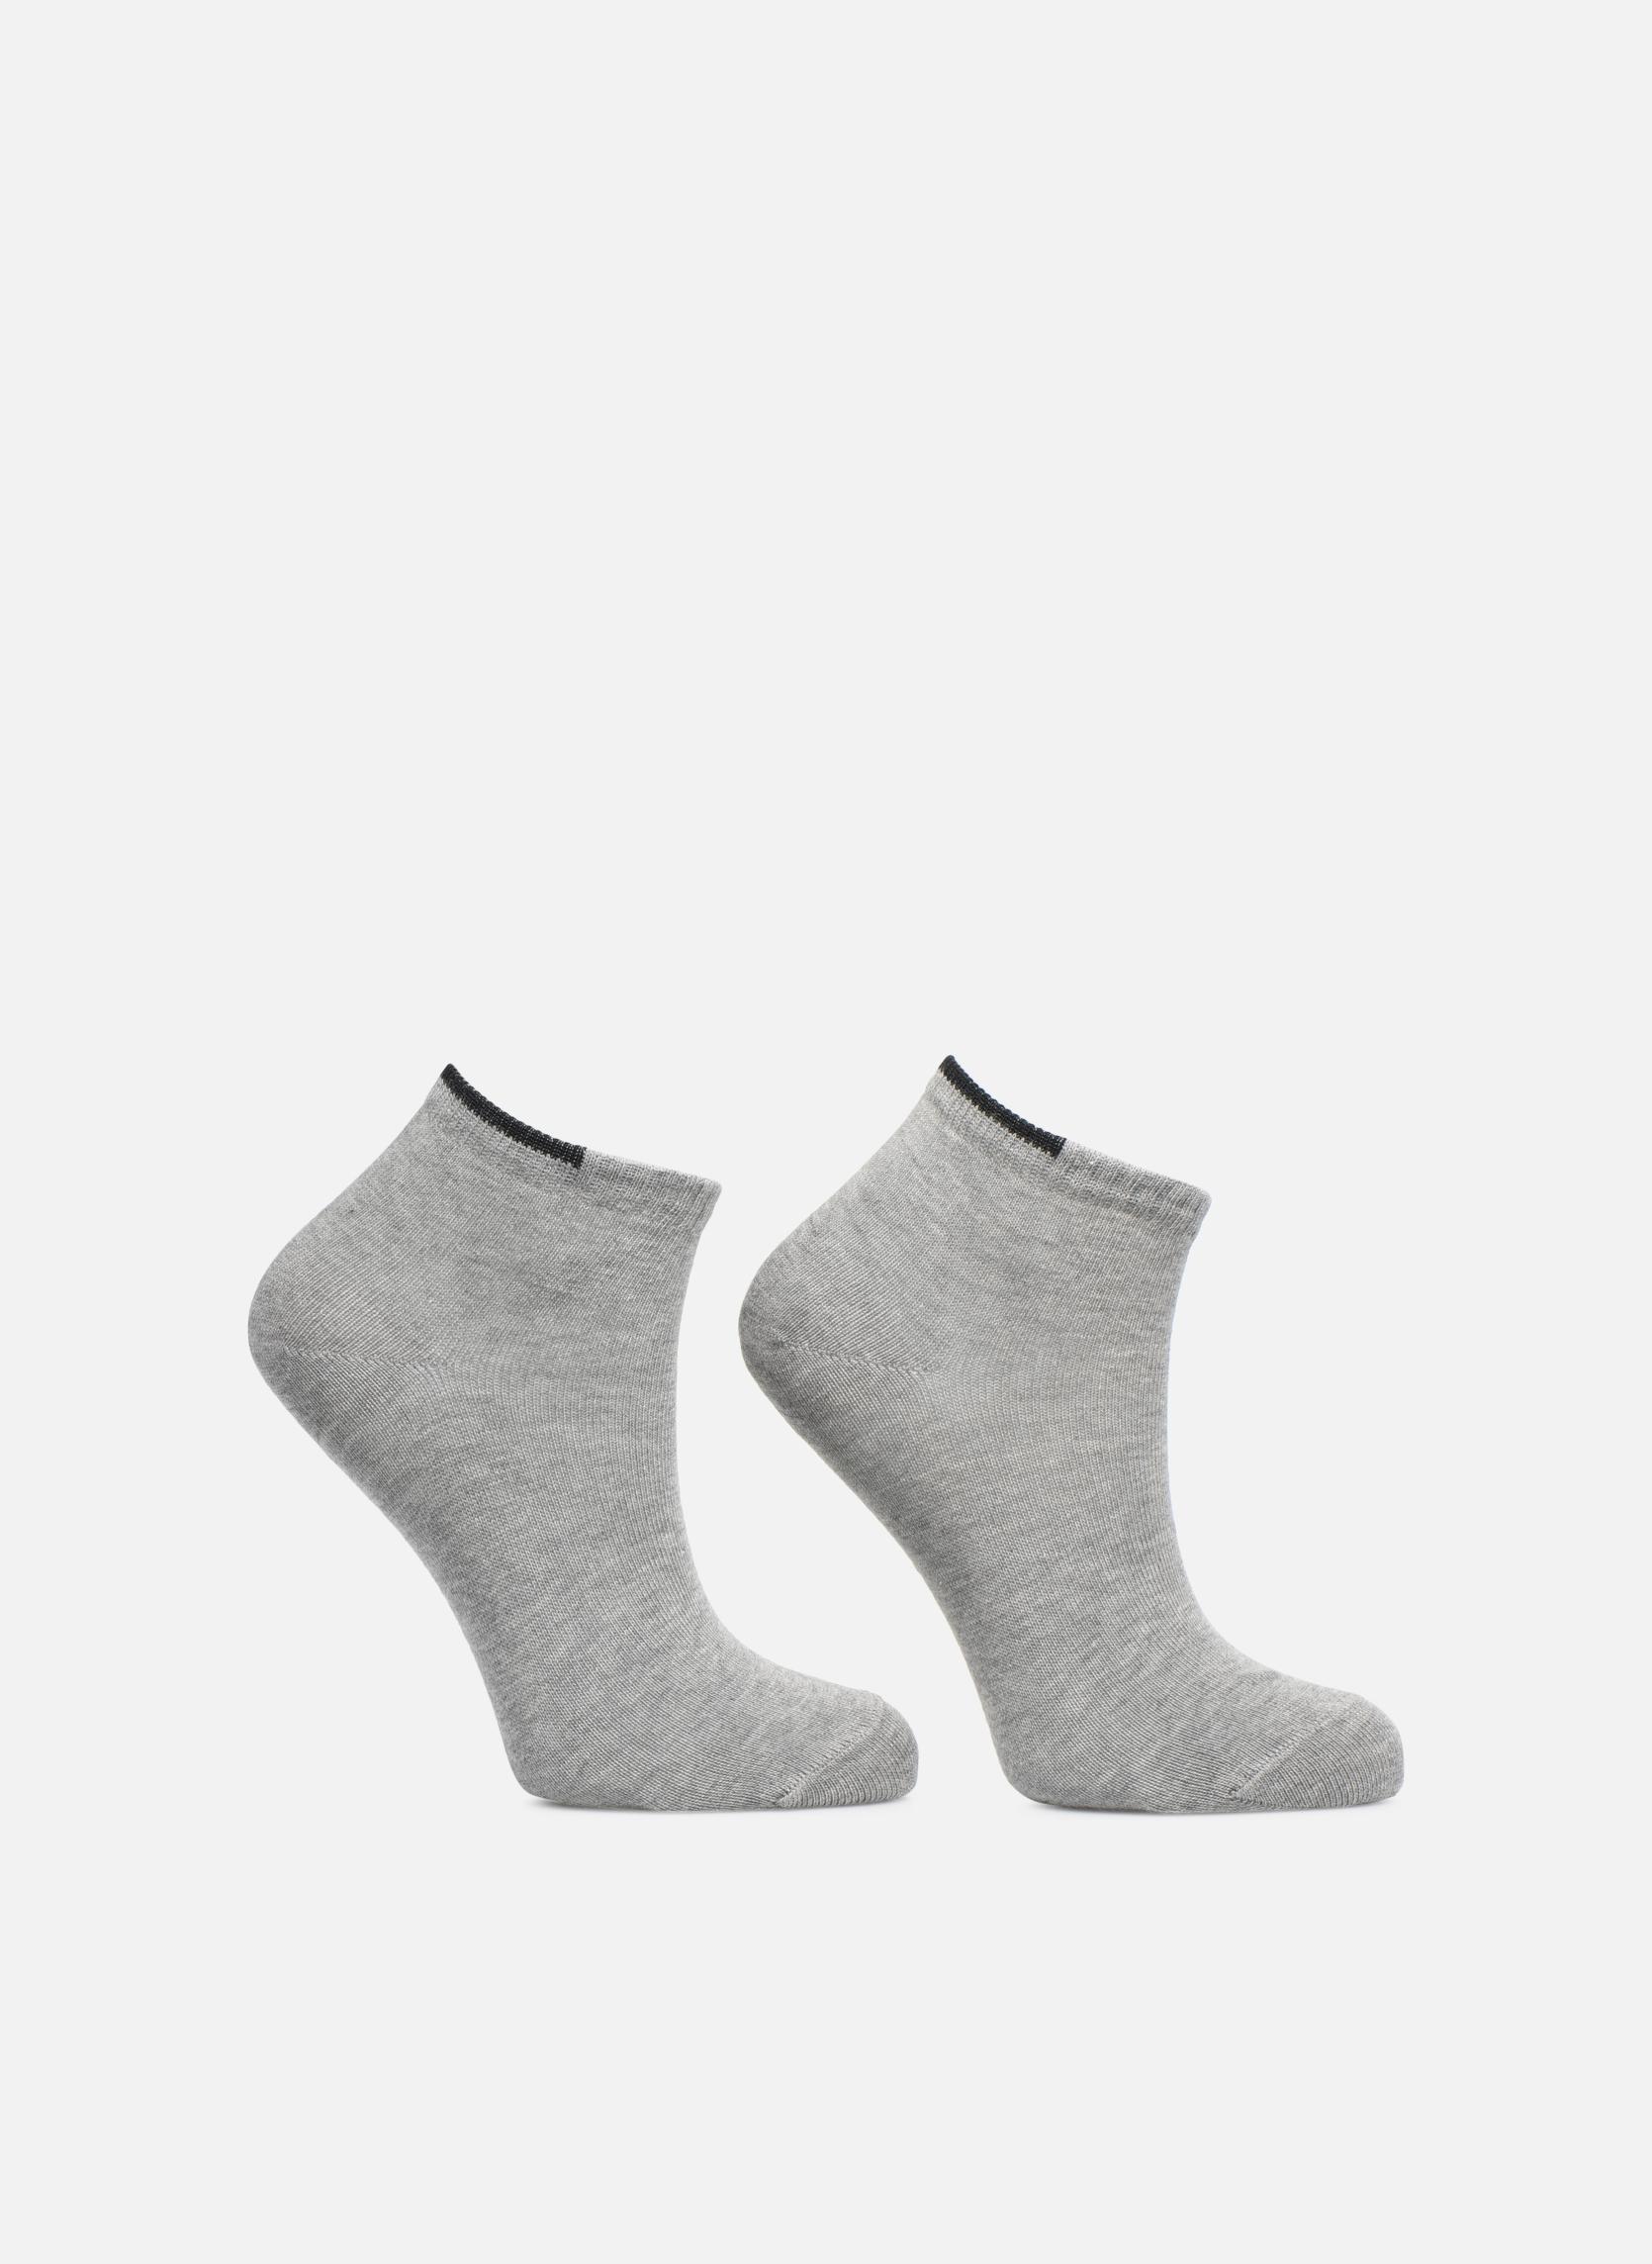 Falke Mini-socquettes Enfant Coton Pack de 2 Friends SN